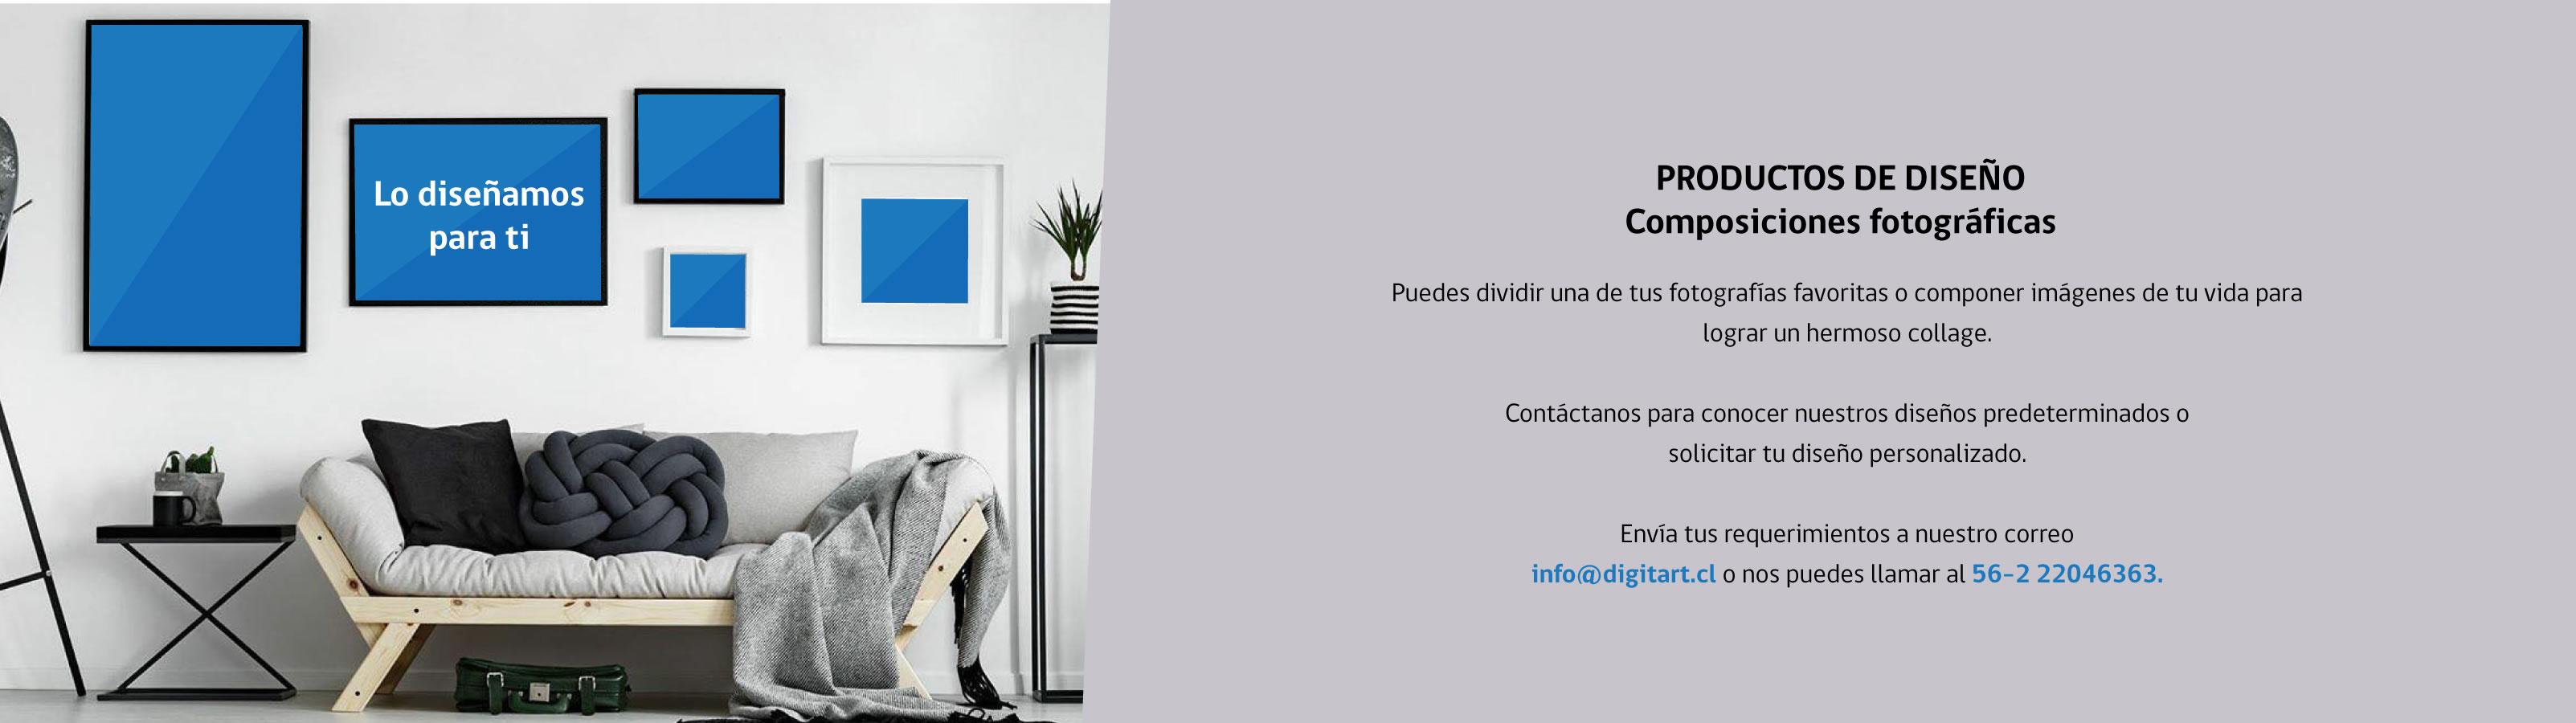 Diseño.composiciones.fotográficas